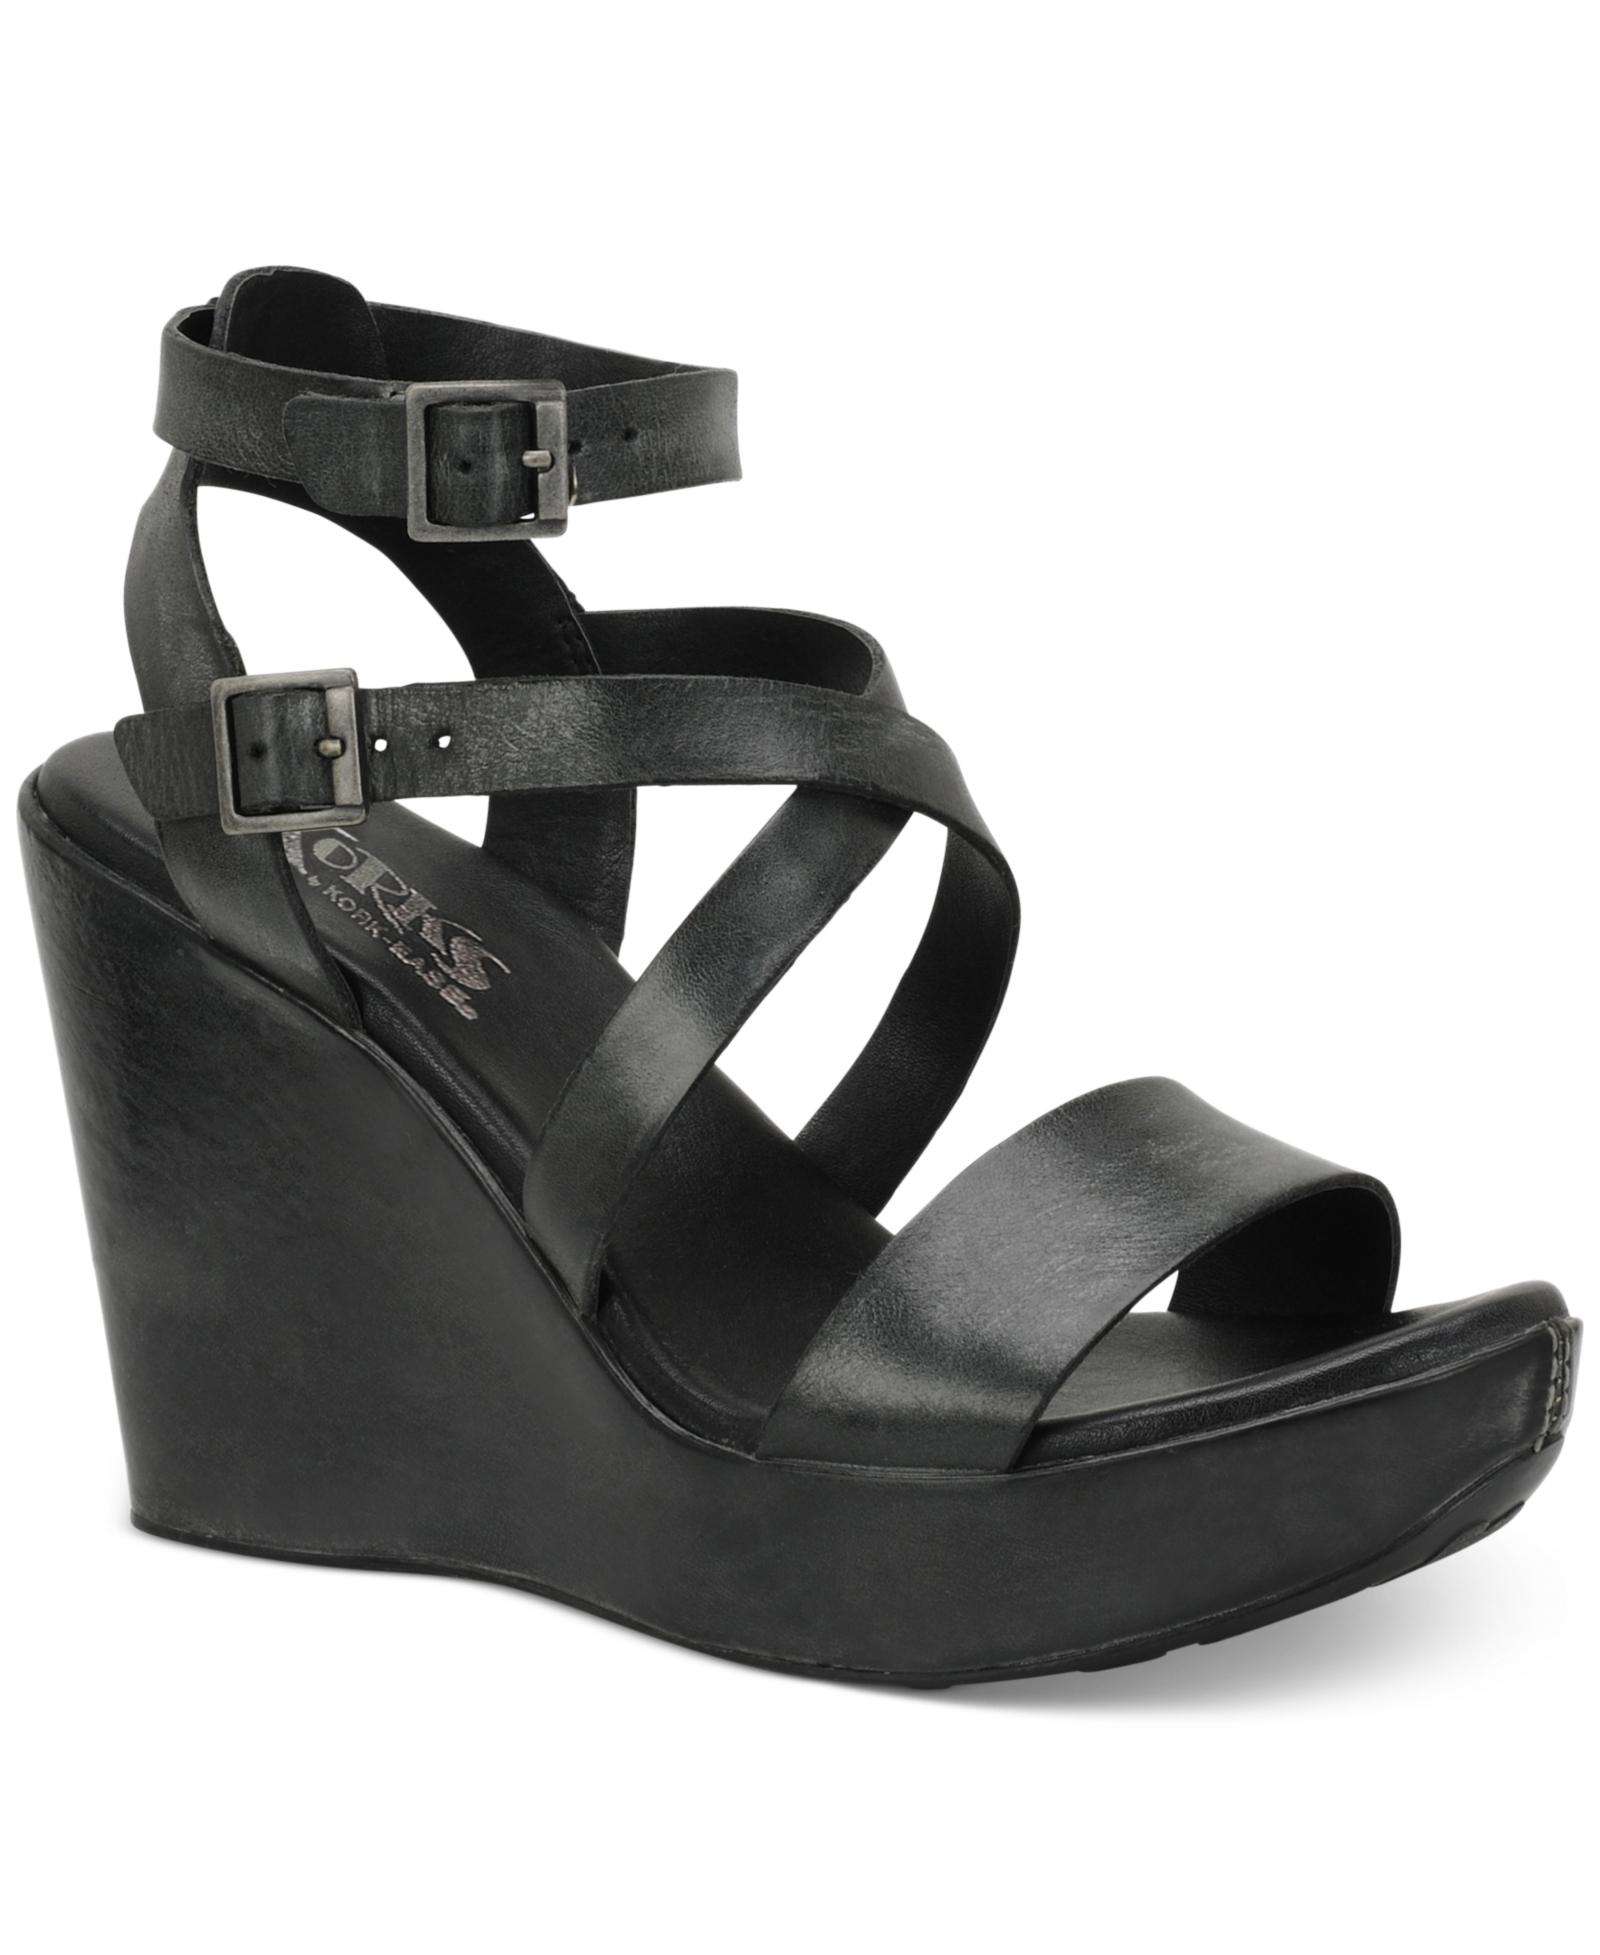 88b5c8ddfa9e Korks by Kork-Ease Kaylen Platform Wedge Sandals Women s Shoes ...